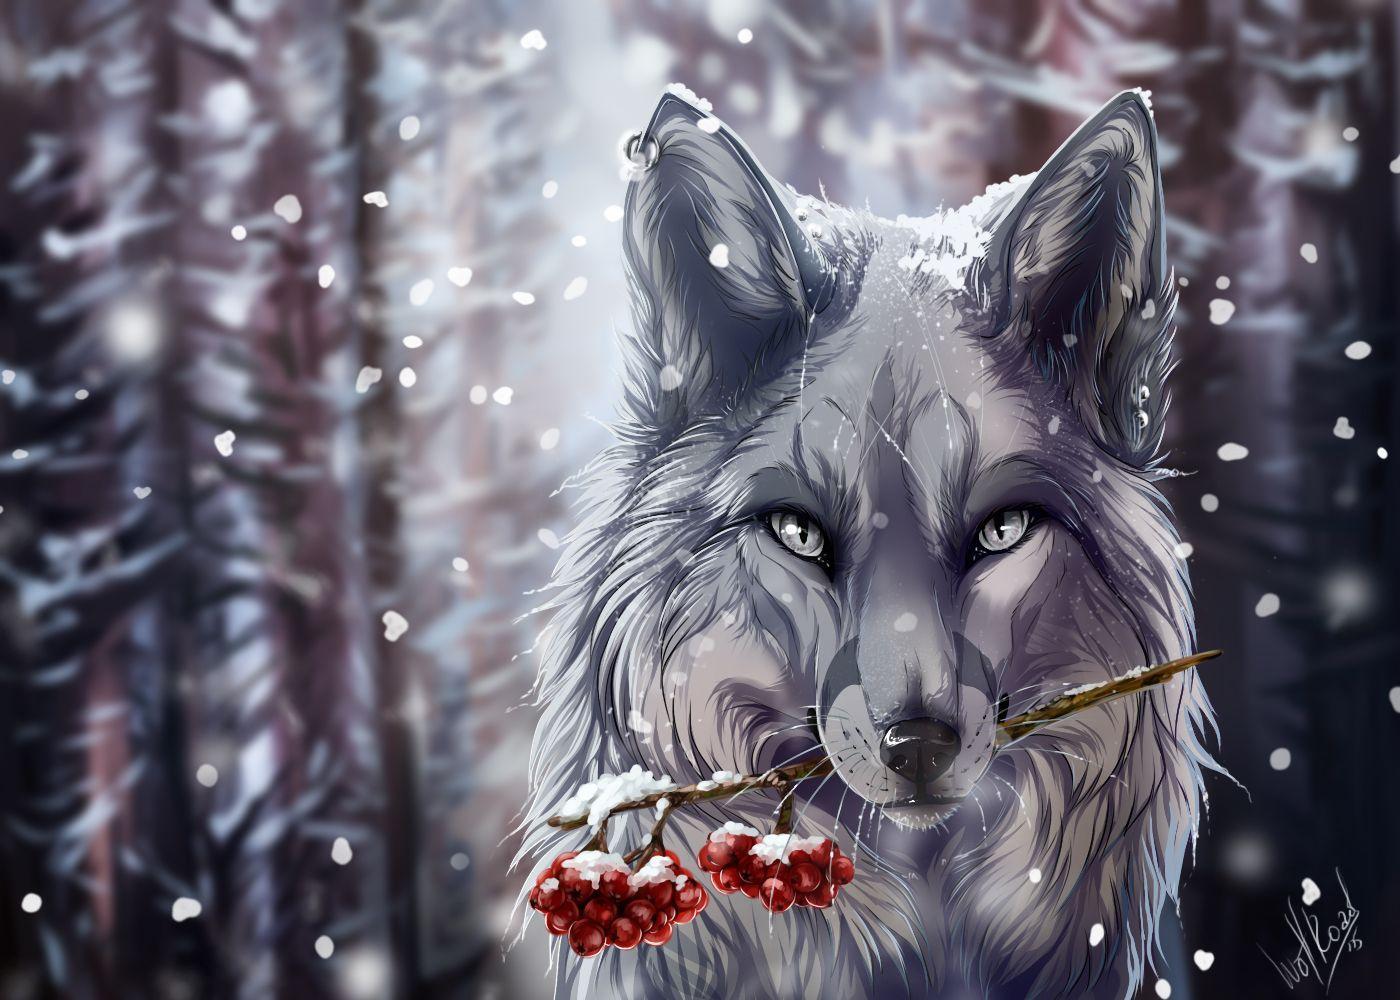 Hình nền chó sói 1400x1000 19 - 1400 X 1000